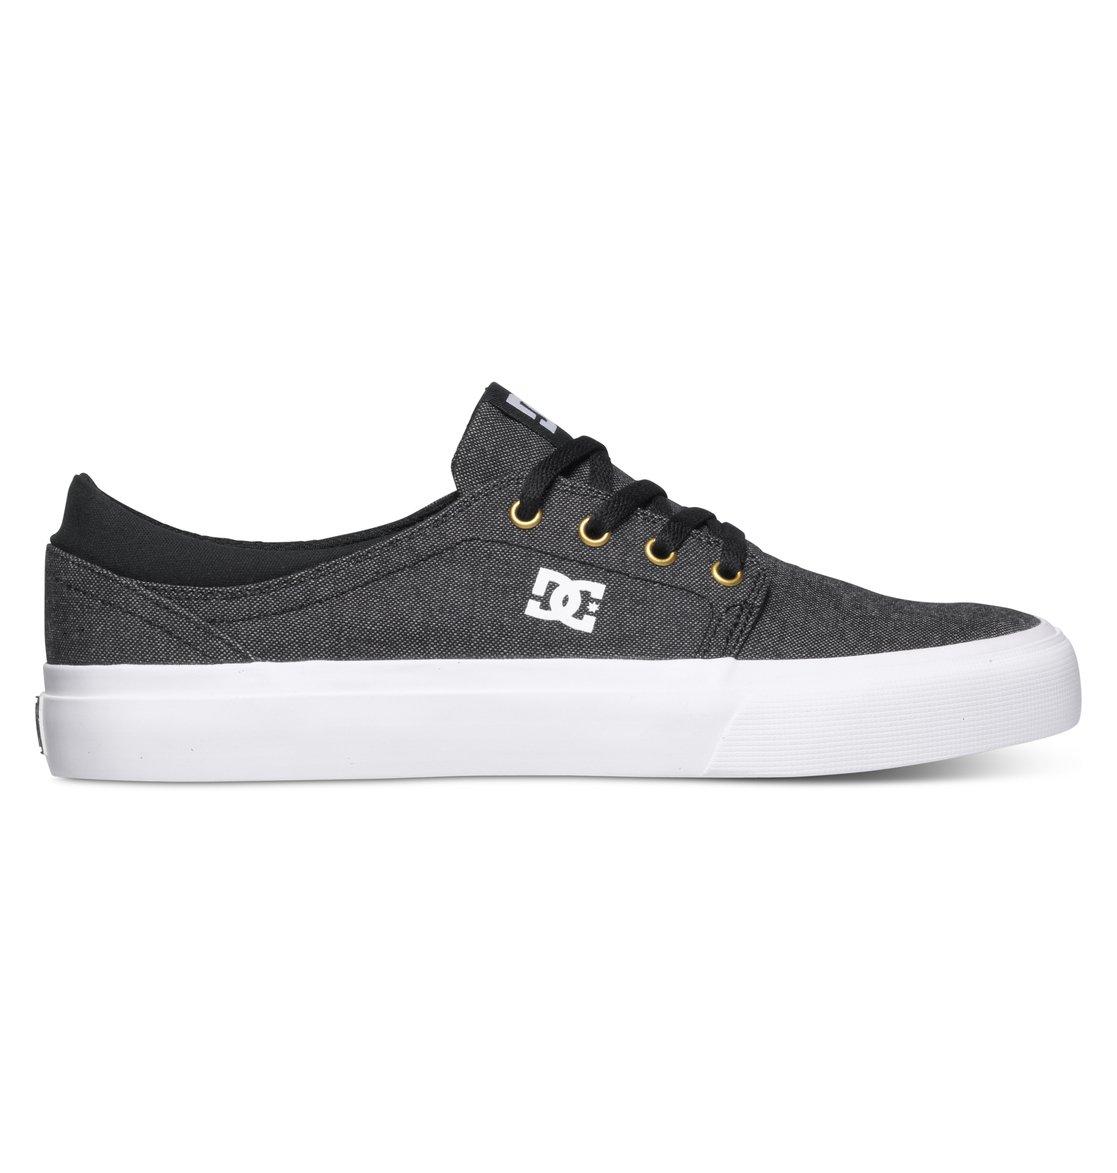 69d2a9d99a 0 Tênis masculino Trase TX SE Preto BRADYS300123 DC Shoes